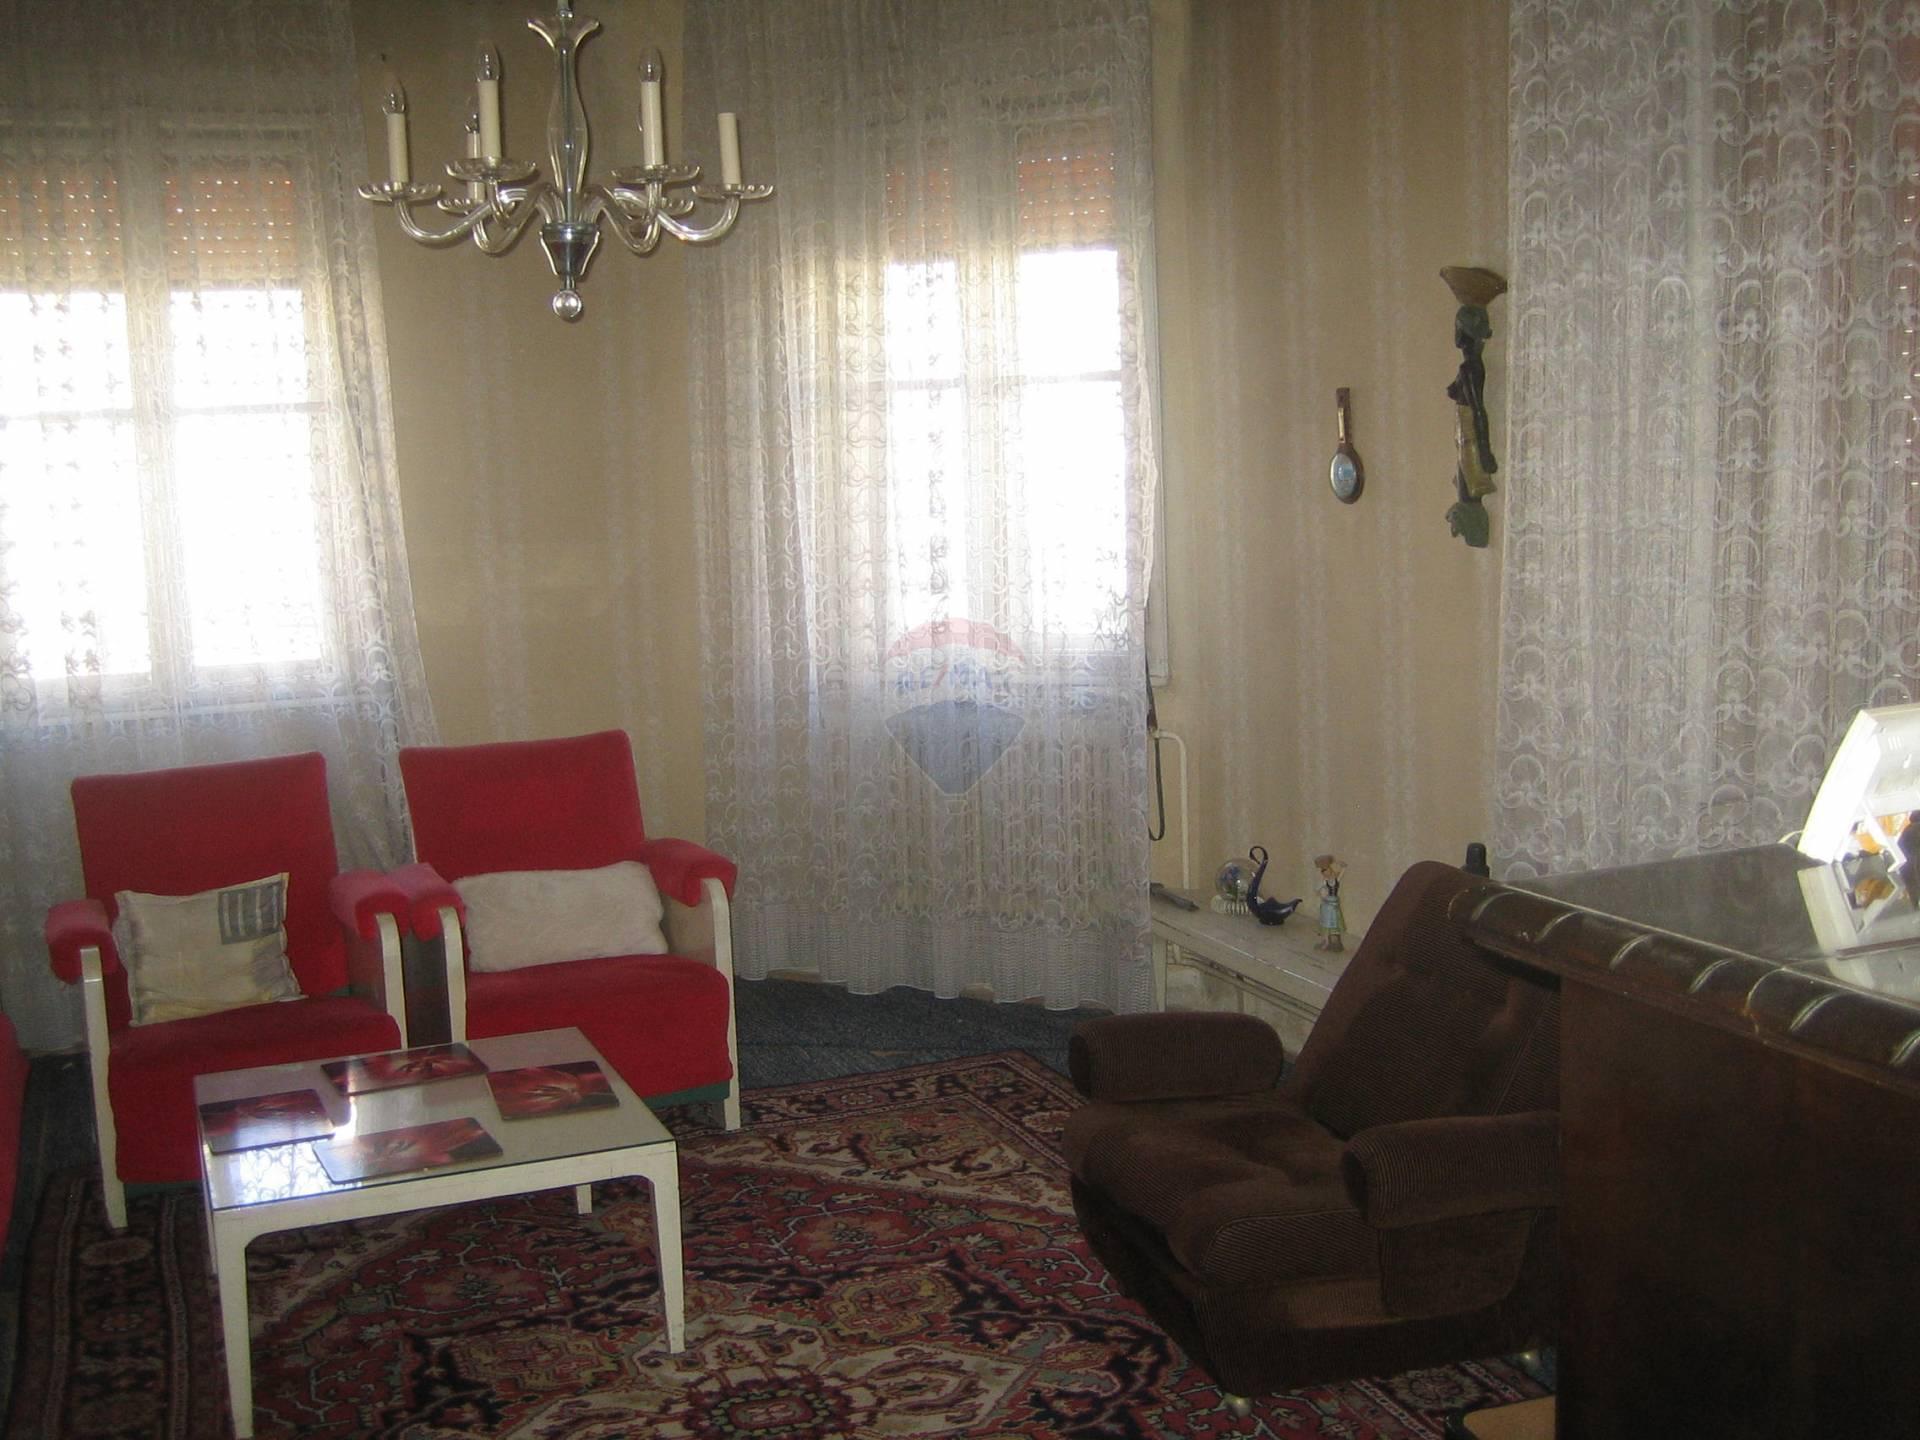 Predaj domu 240 m2, Trnava - obyvačka